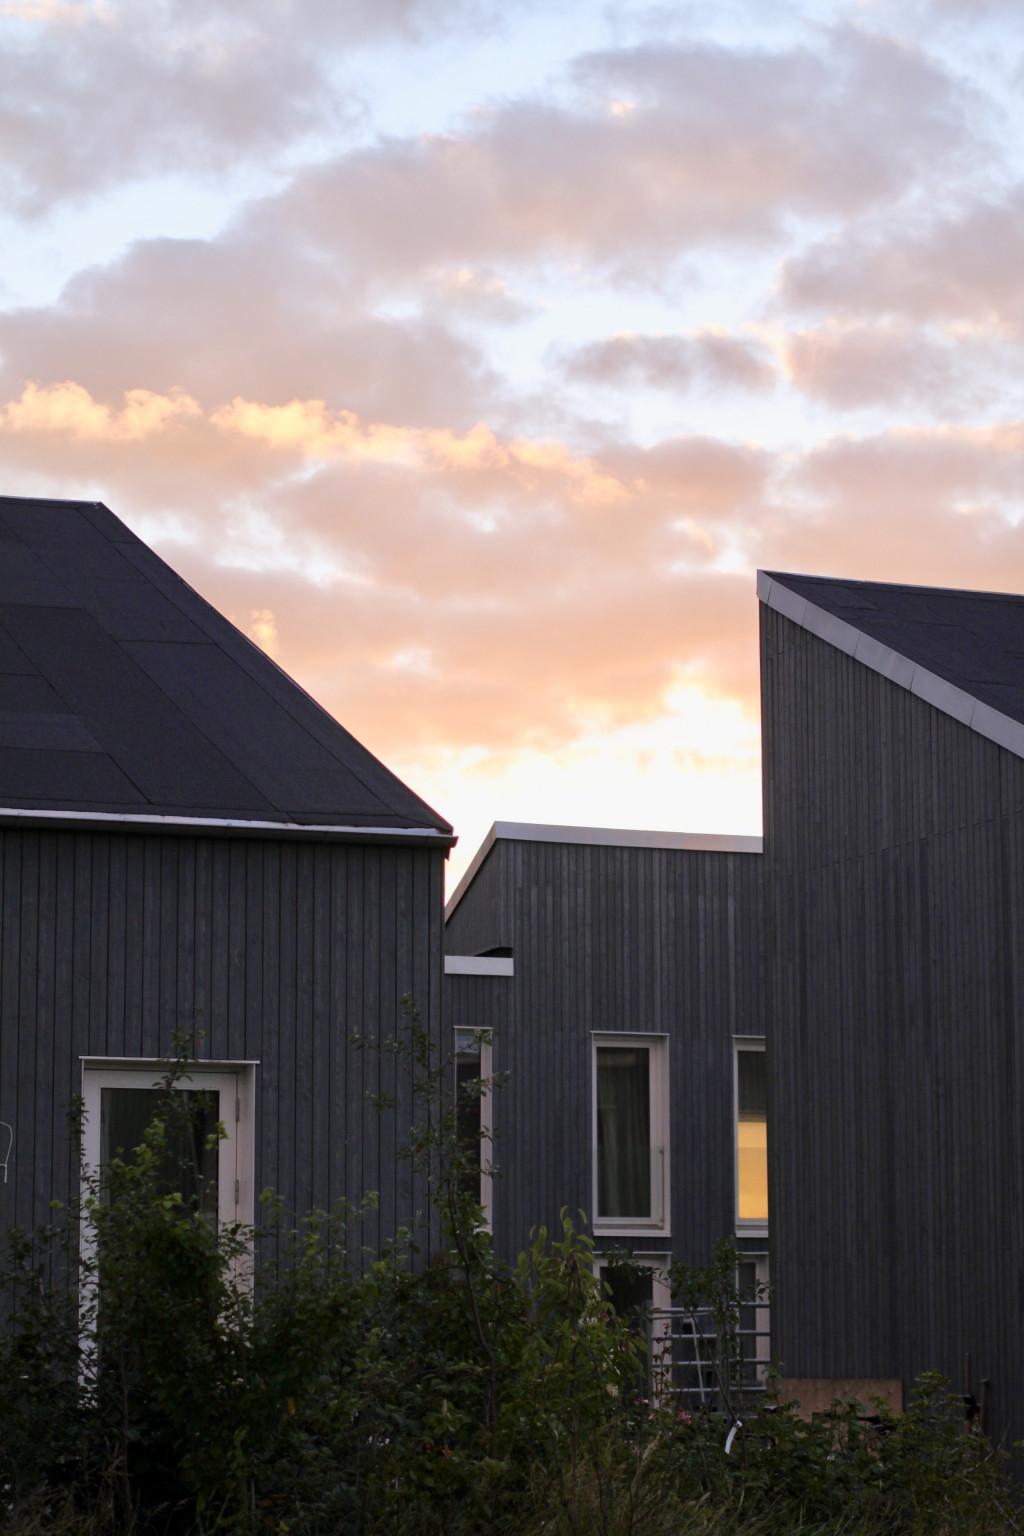 Nybygget arkitekttegnet rækkehus i stort bæredygtigt bofællesskab. - fullsizeoutput_1e1d_5e76caa512600c765edf0af78cd327ad